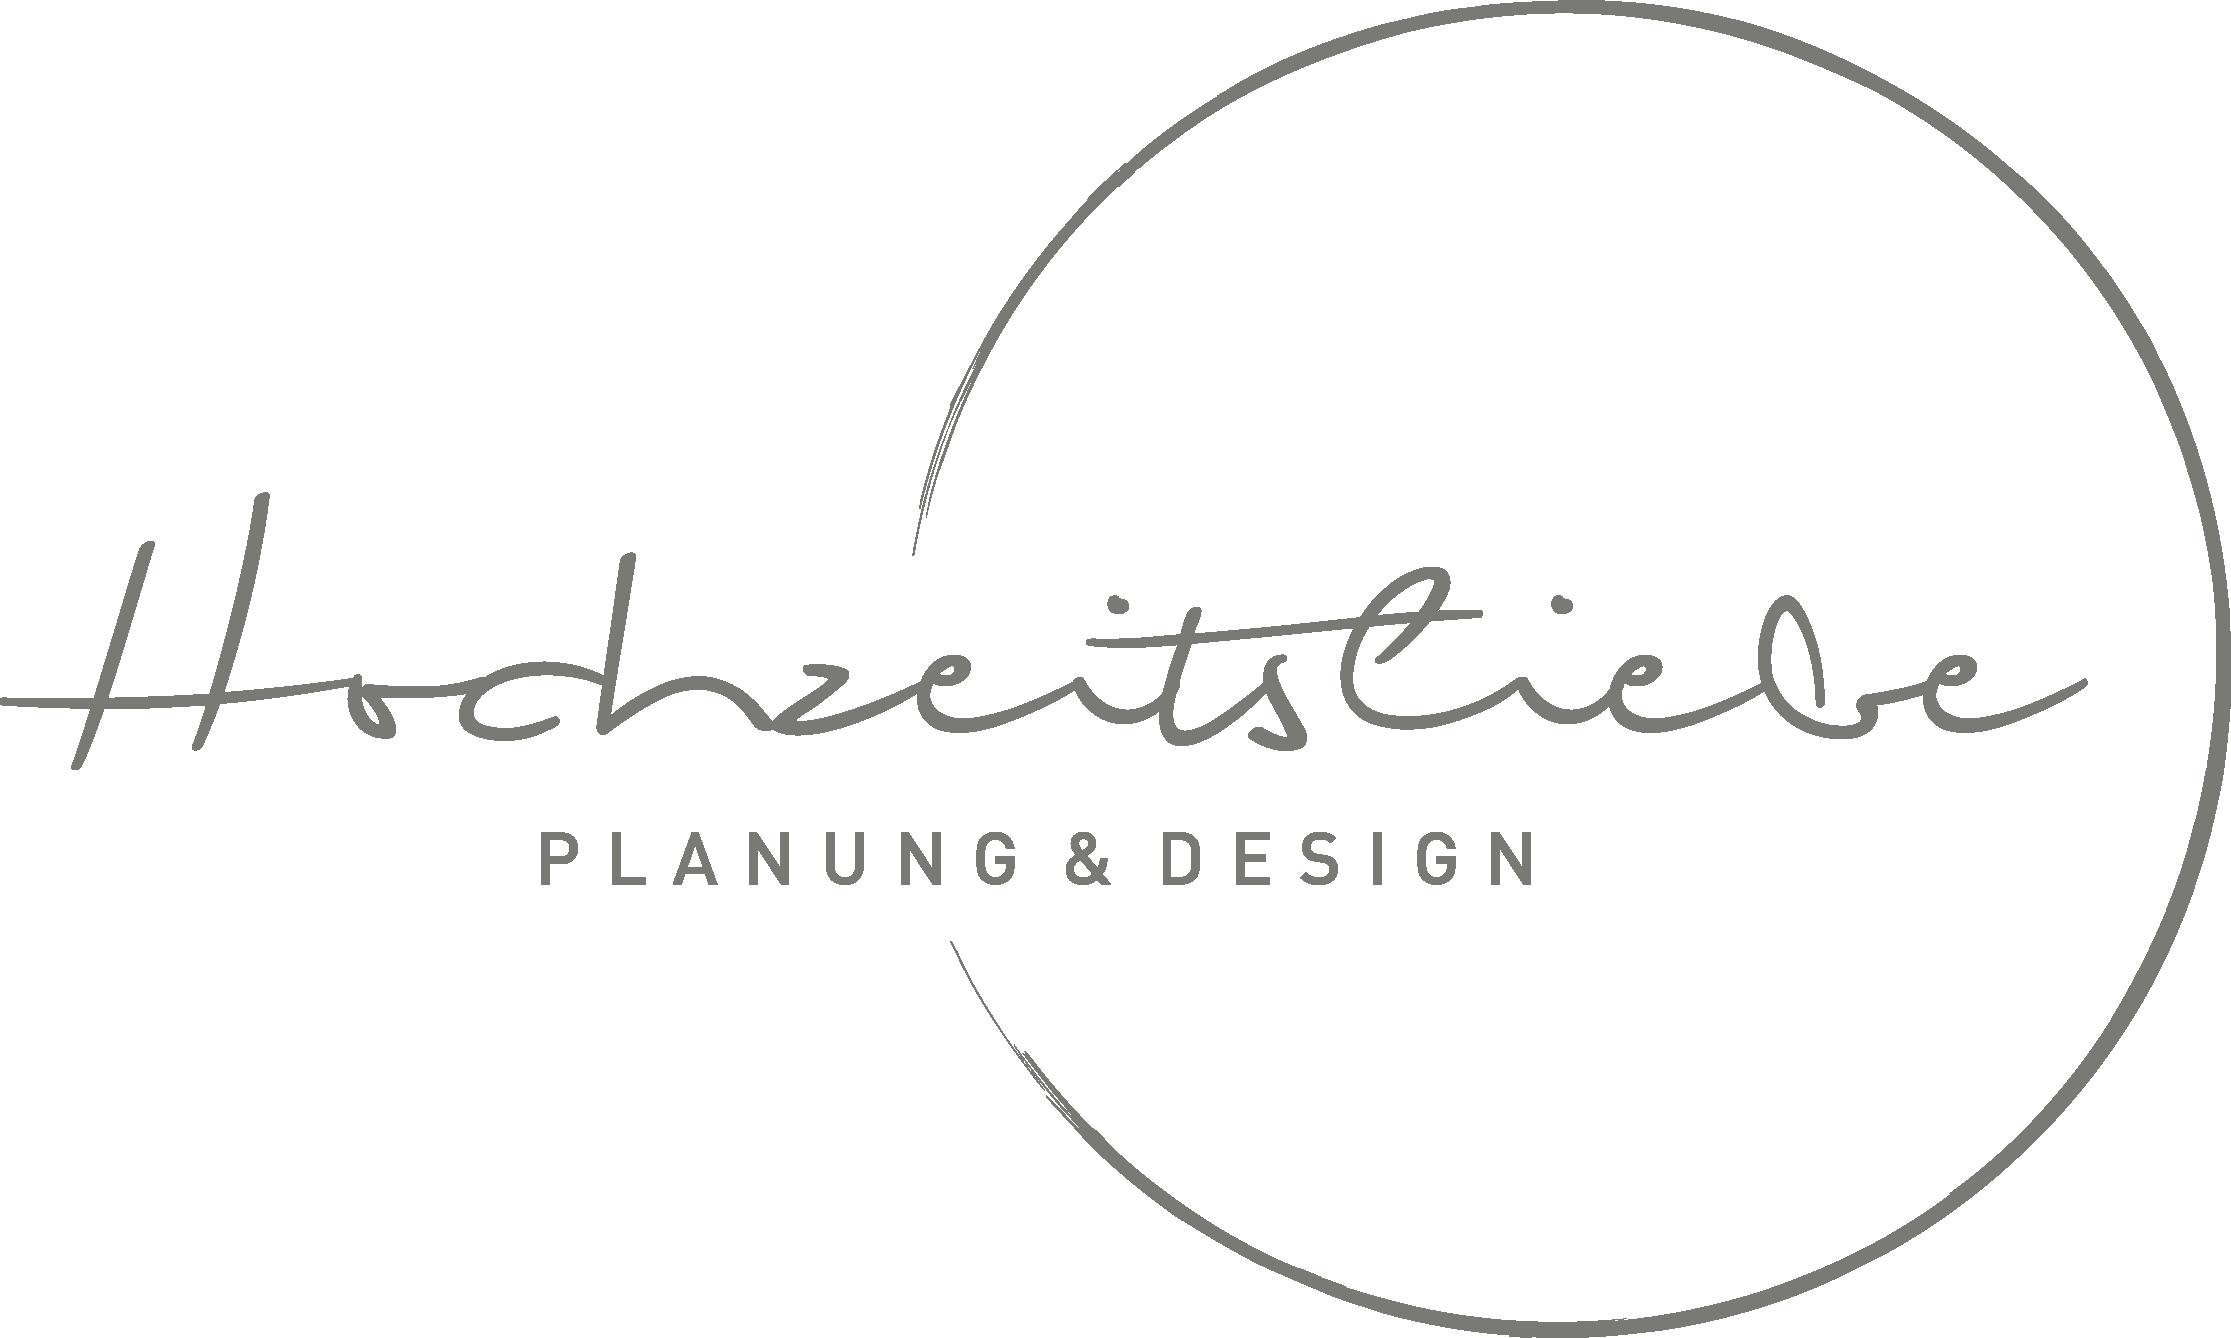 Hochzeitsliebe winning design-TRANSPARENT_grau